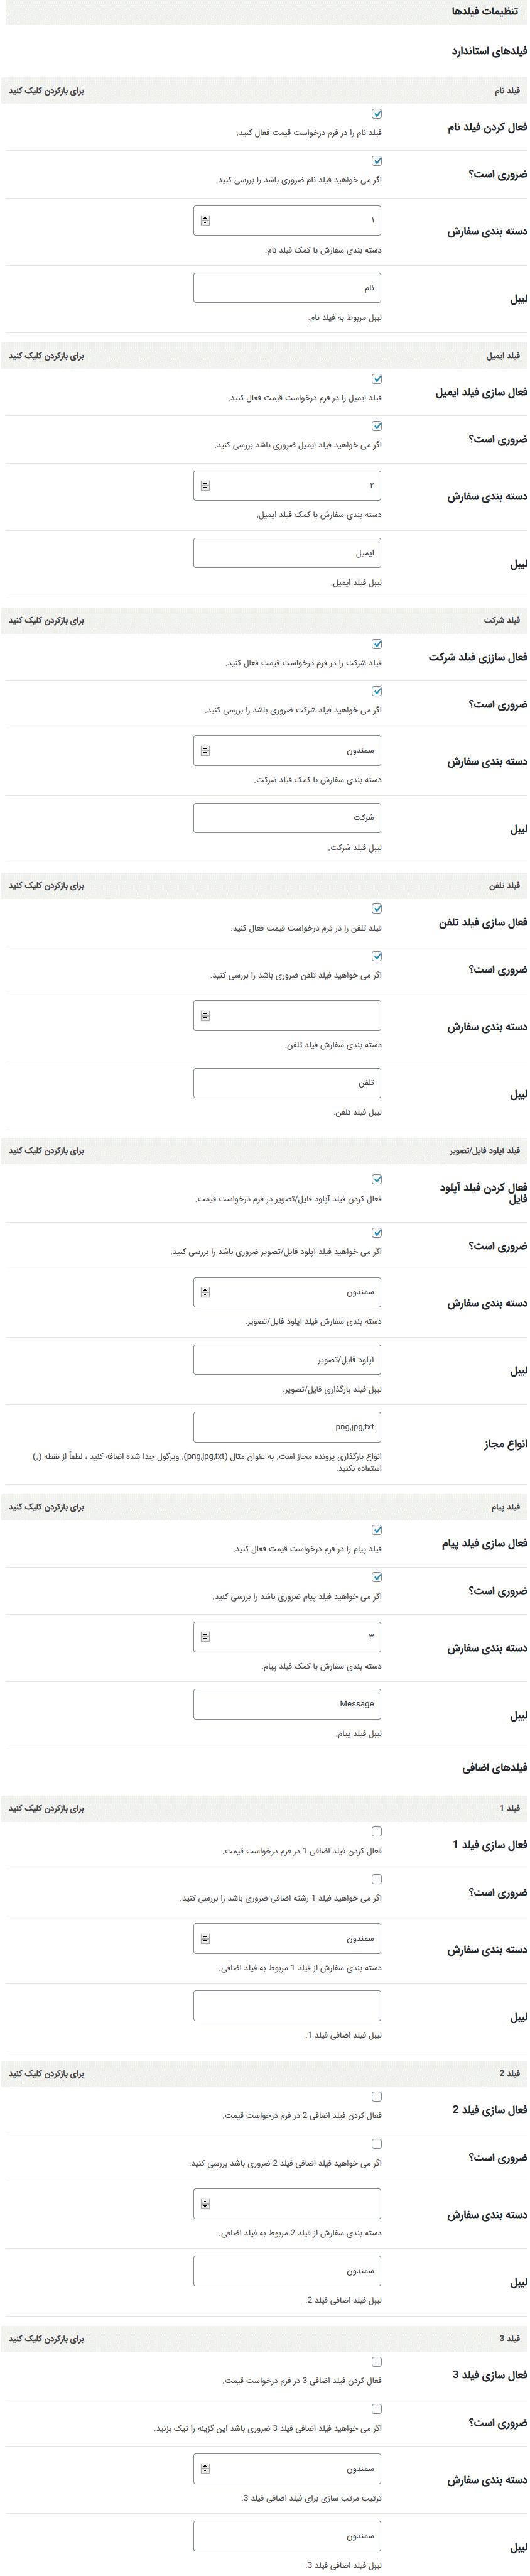 تنظیمات فیلدها در افزونه درخواست نقل قول